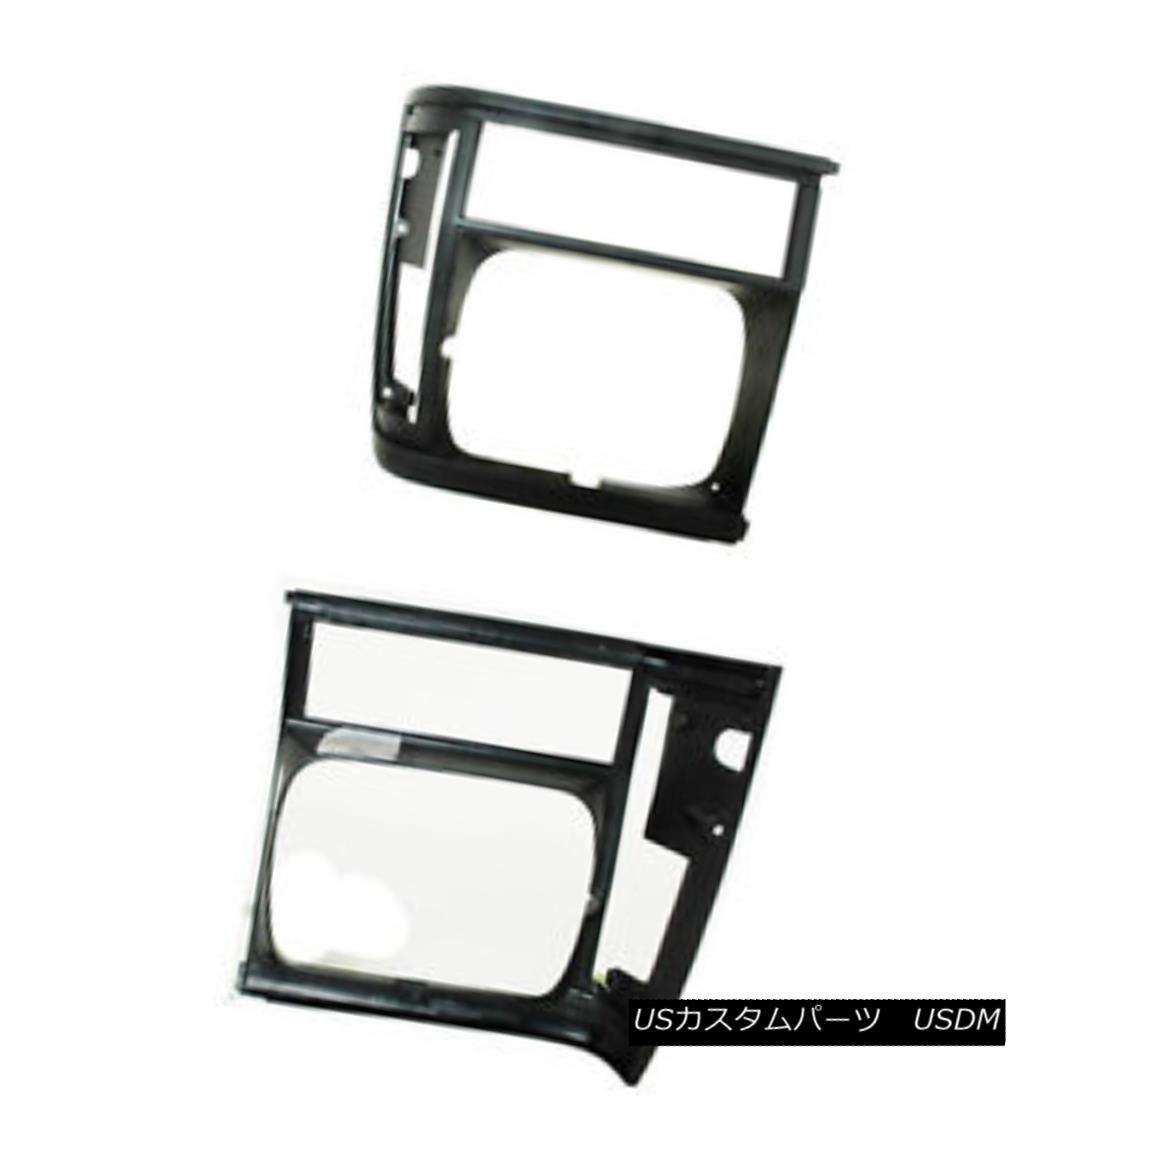 グリル New Replacement Headlight Door Driver Side for Single Lamp 630-00972B Value 単一のランプ630-00972Bのための新しい交換ヘッドライトドアのドライバ側